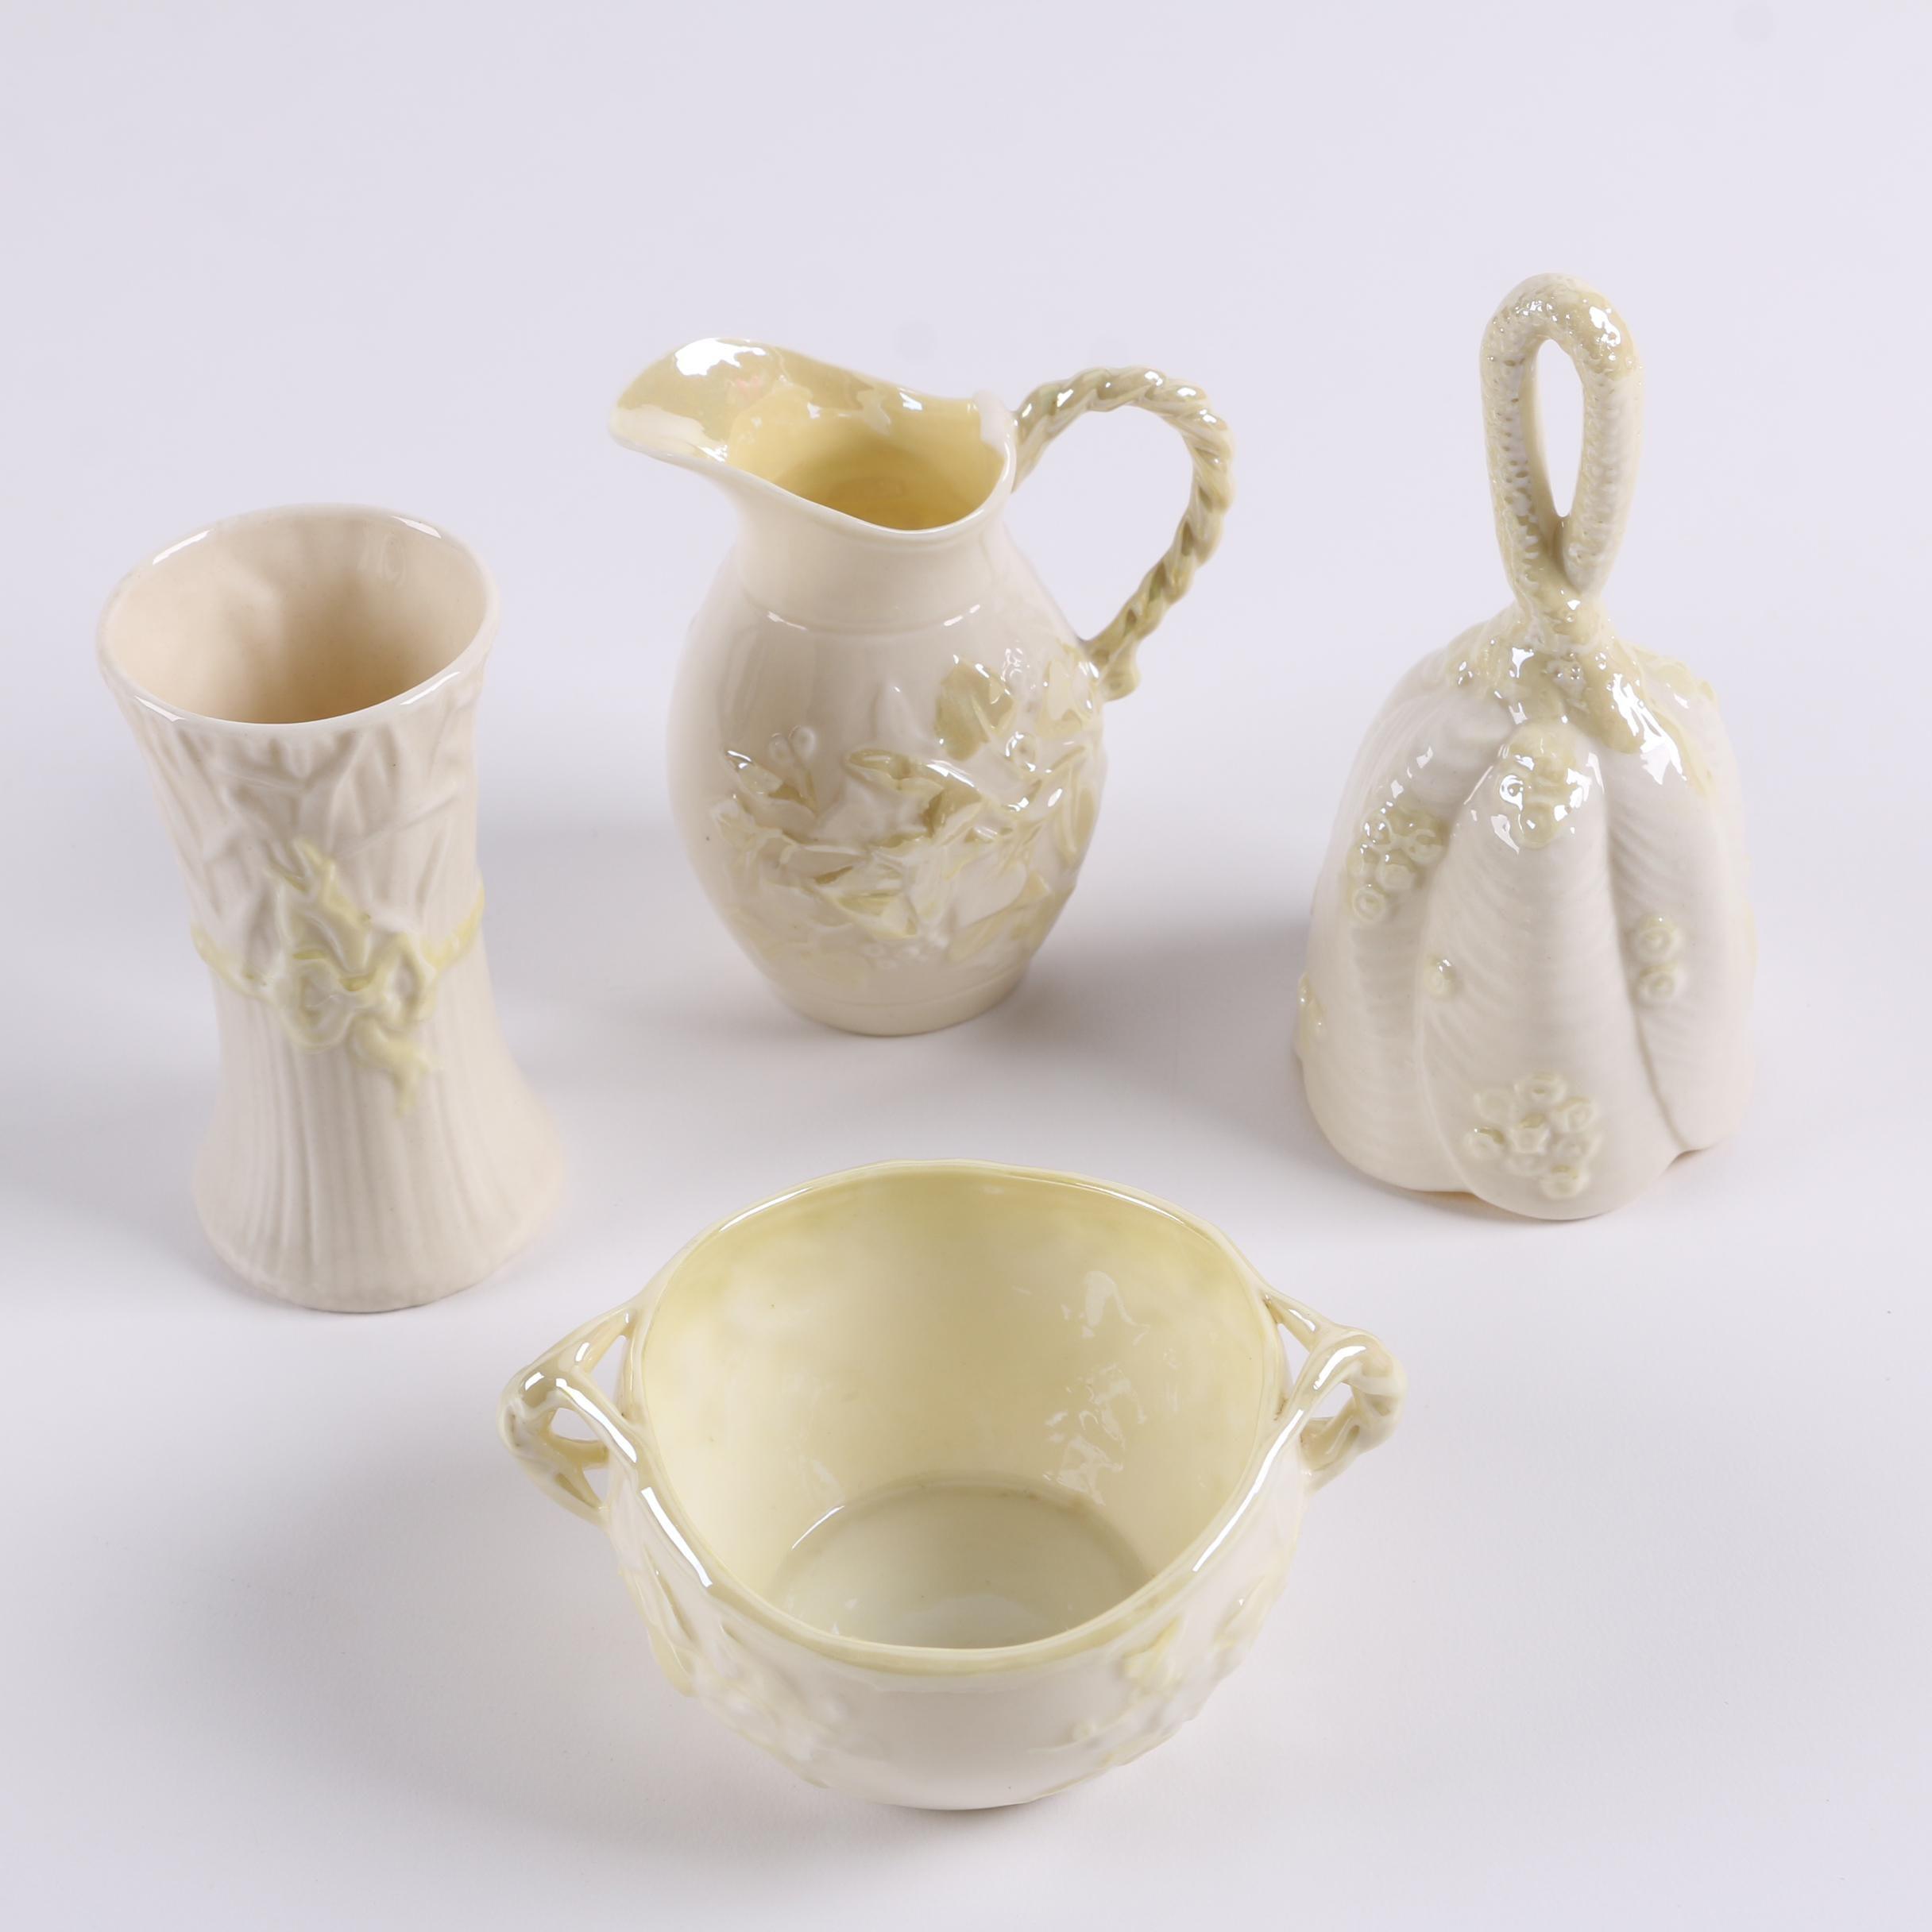 Vintage Belleek Porcelain Sugar Bowl, Creamer, and Décor